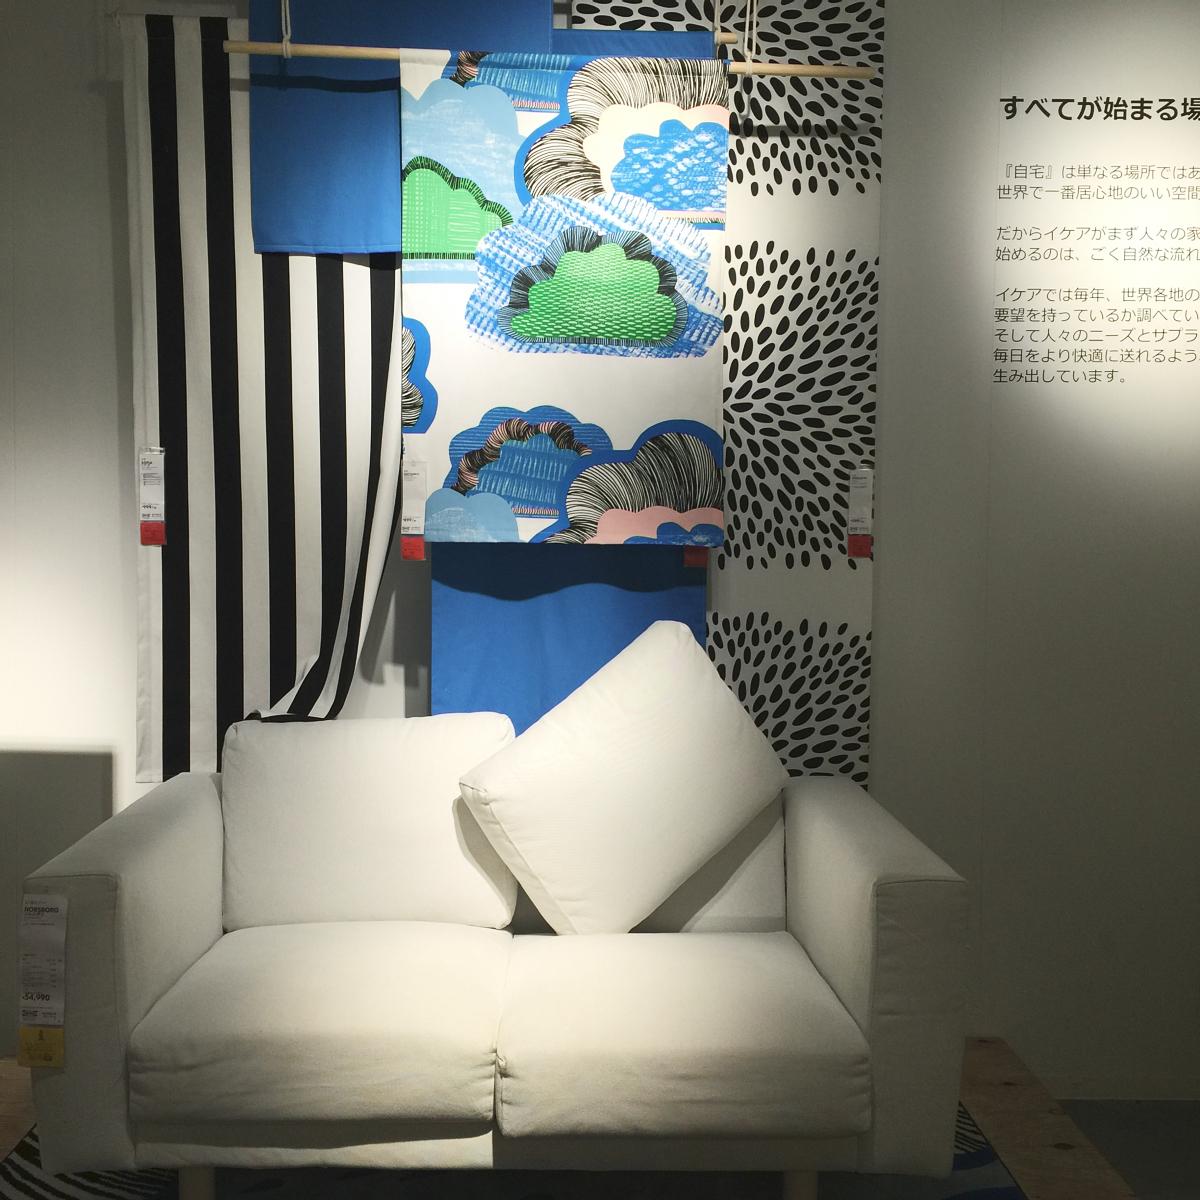 ikea-tachikawa-japan-5